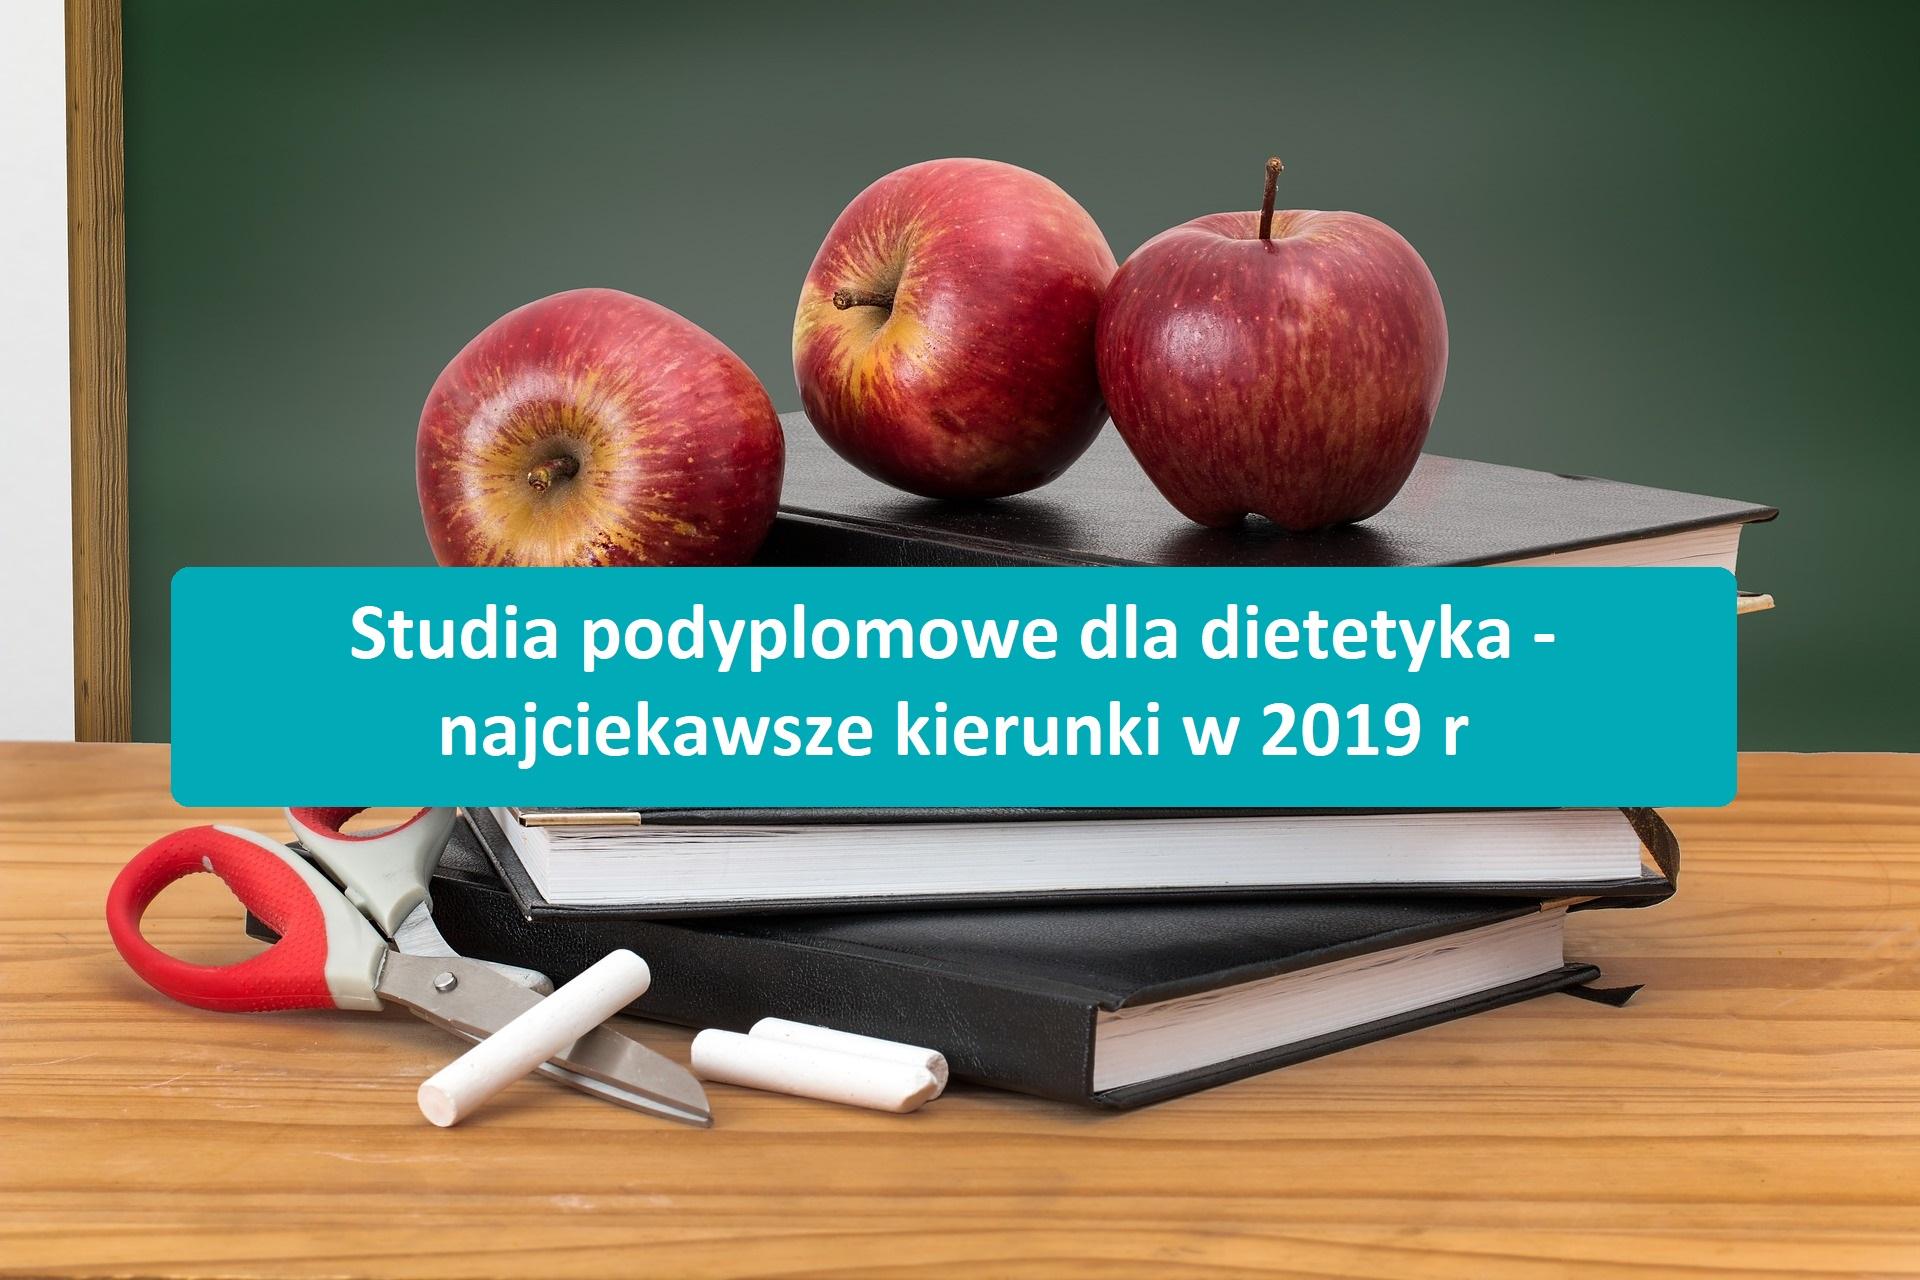 Studia podyplomowe dla dietetyka – najciekawsze kierunki w 2019 r.